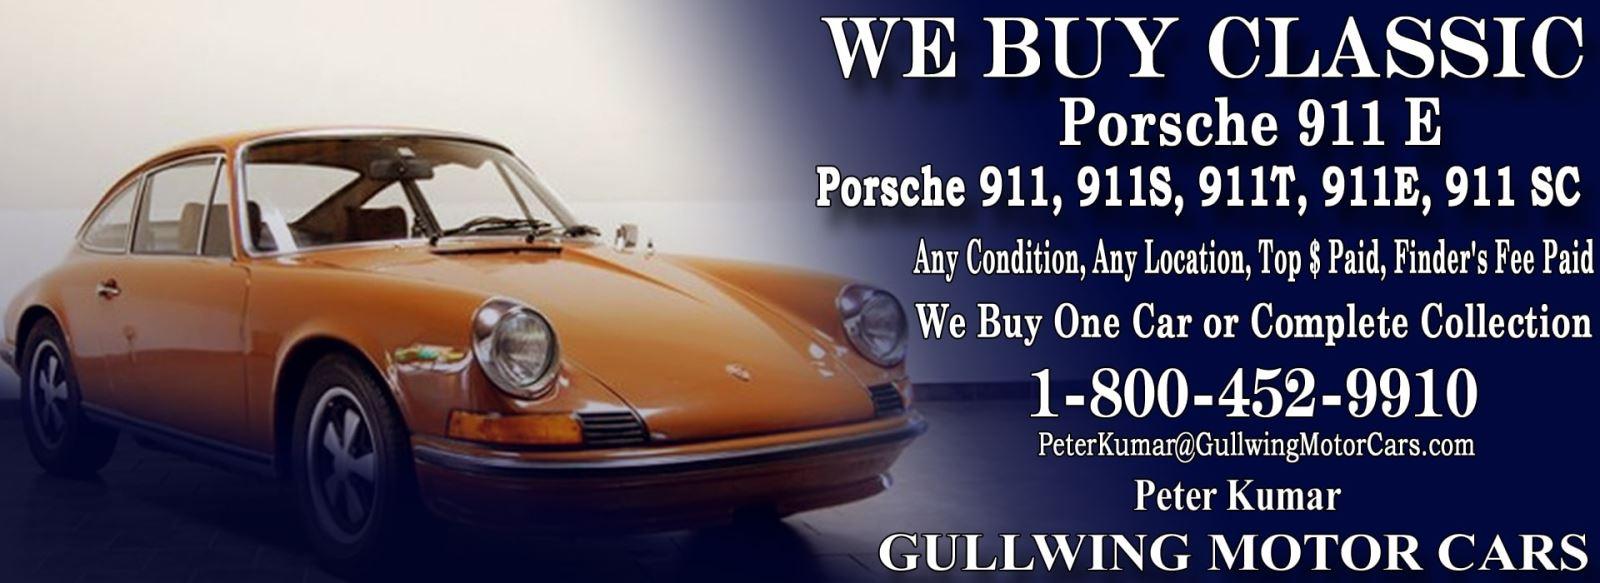 Classic Porsche 911E for sale, we buy vintage Porsche 911E. Call Peter Kumar. Gullwing Motor